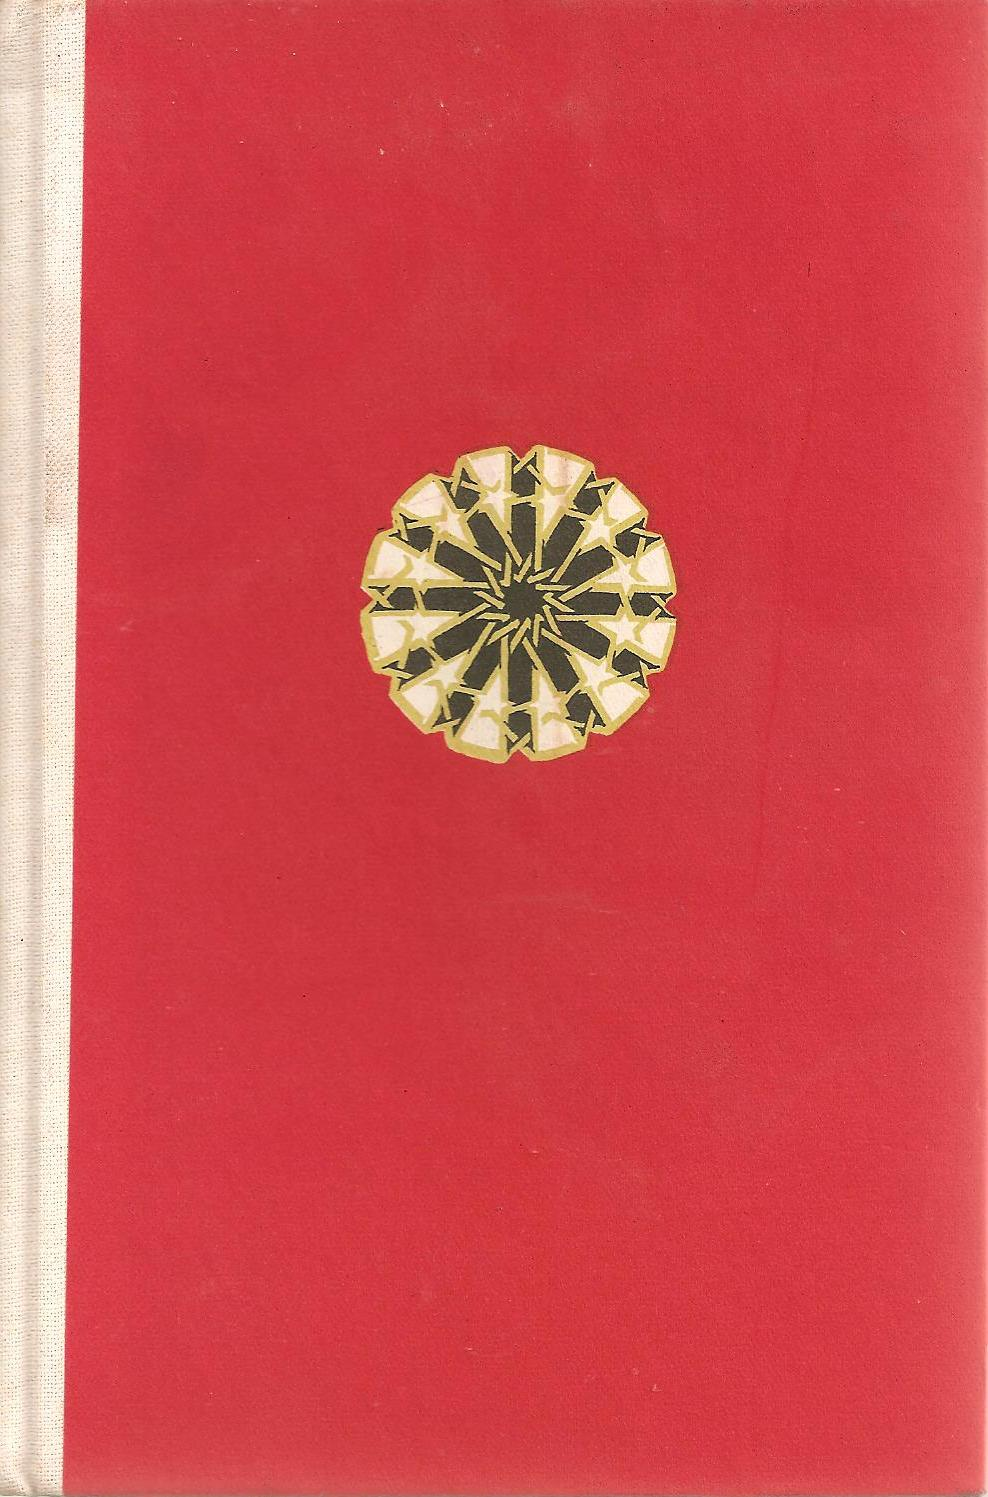 Hárun Arrasid gyűrűje - marokói népmesék